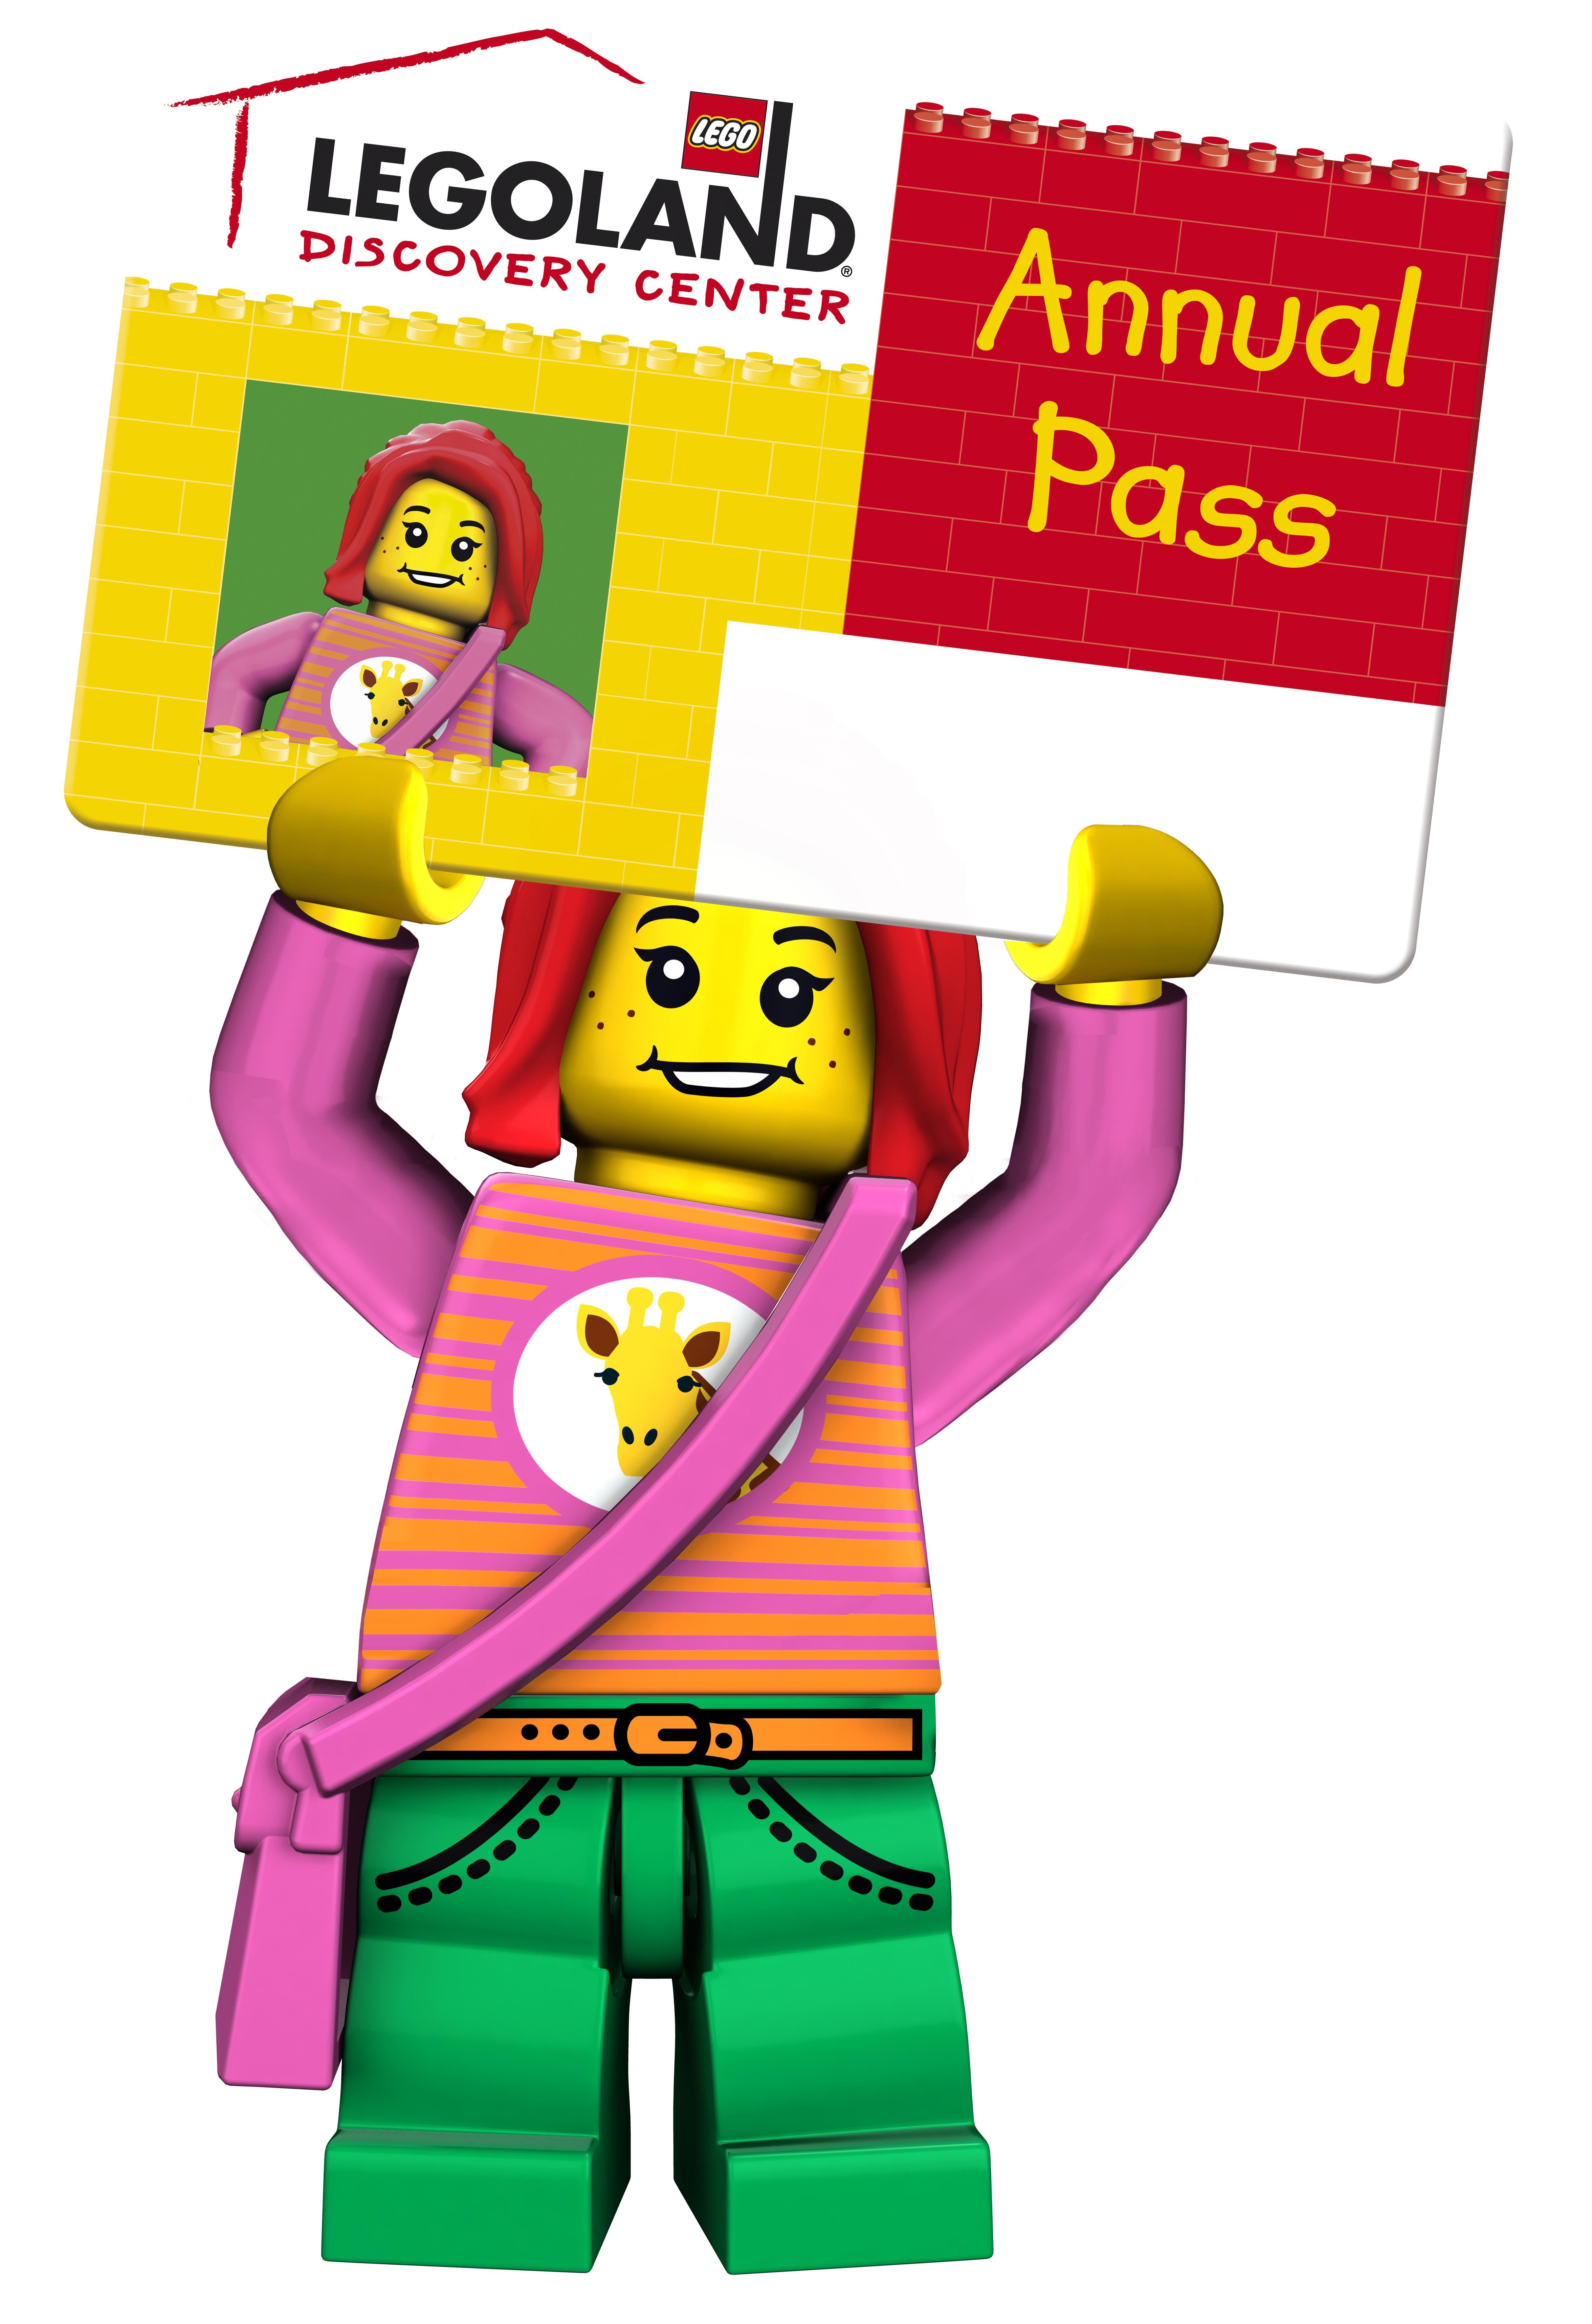 LEGOLAND Pass Image